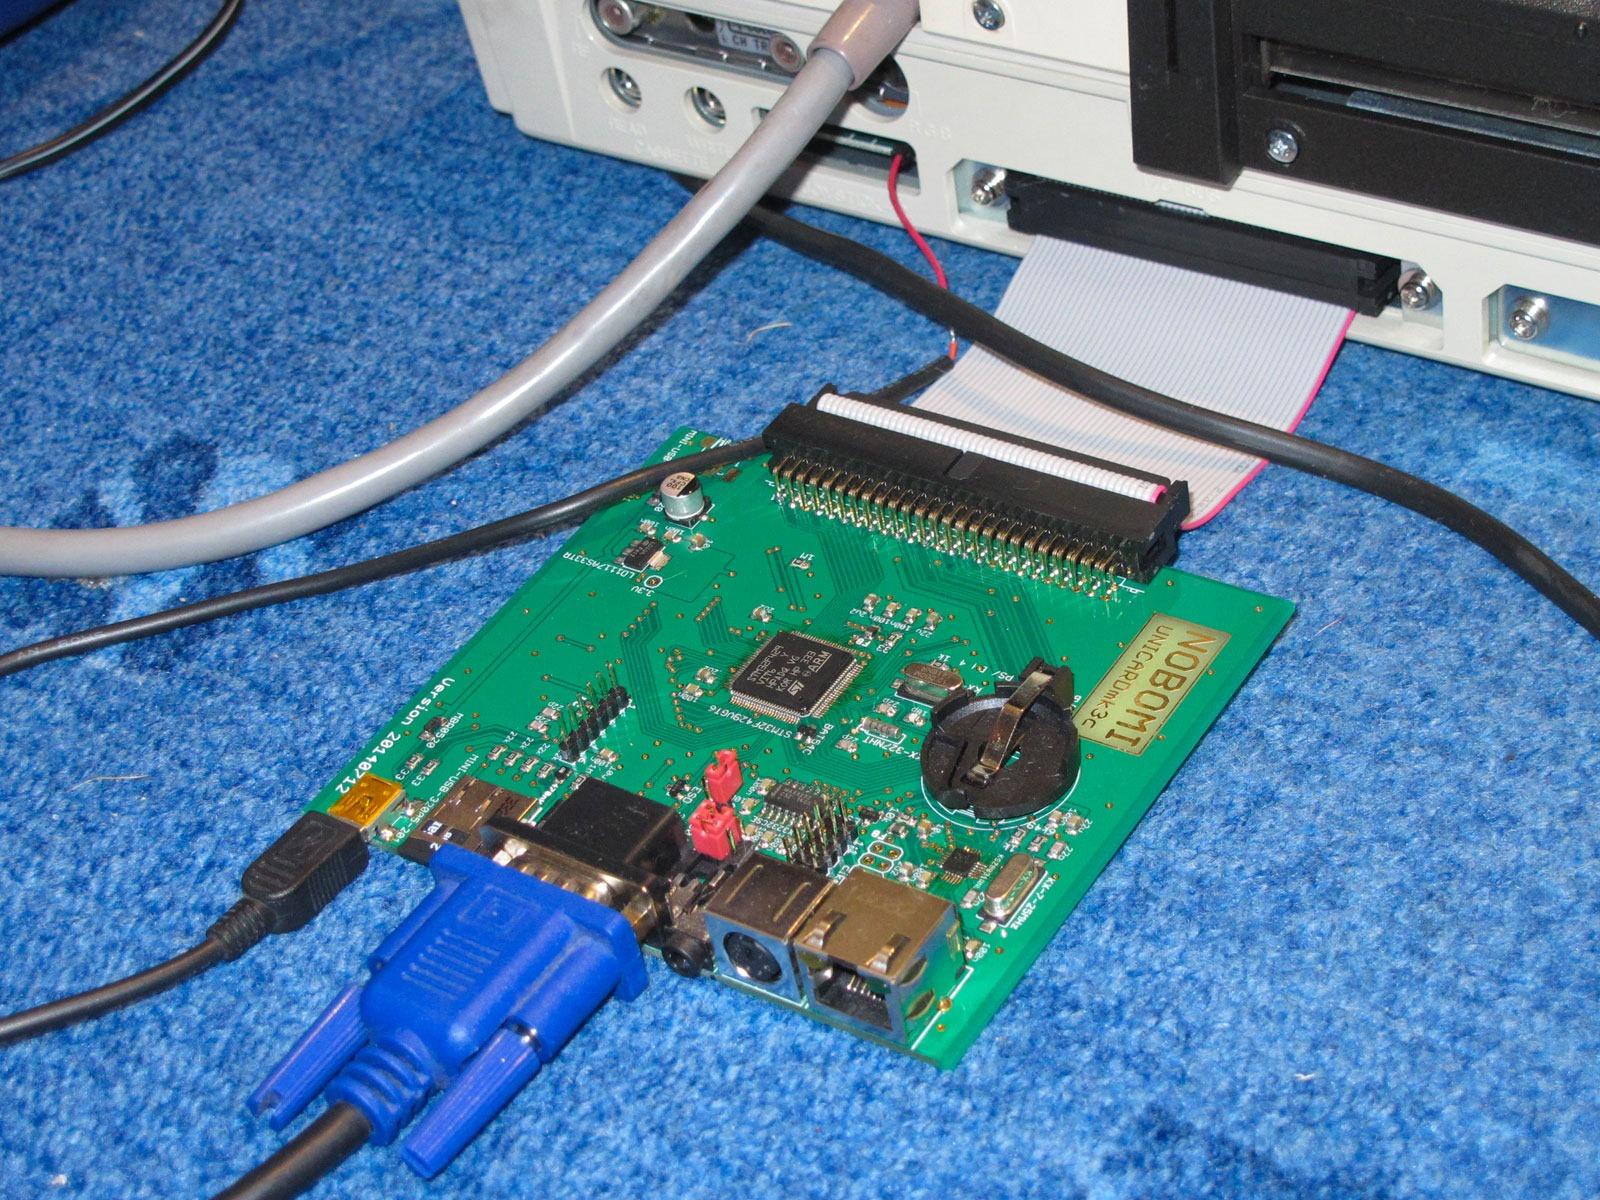 SHARP MZ-700 Unicard Mk3c (emulace QD, FD, RD, SUC80, K&P80, RTC, LAN, VGA, USB, RS-232 a snad i PCG, EMM, …)